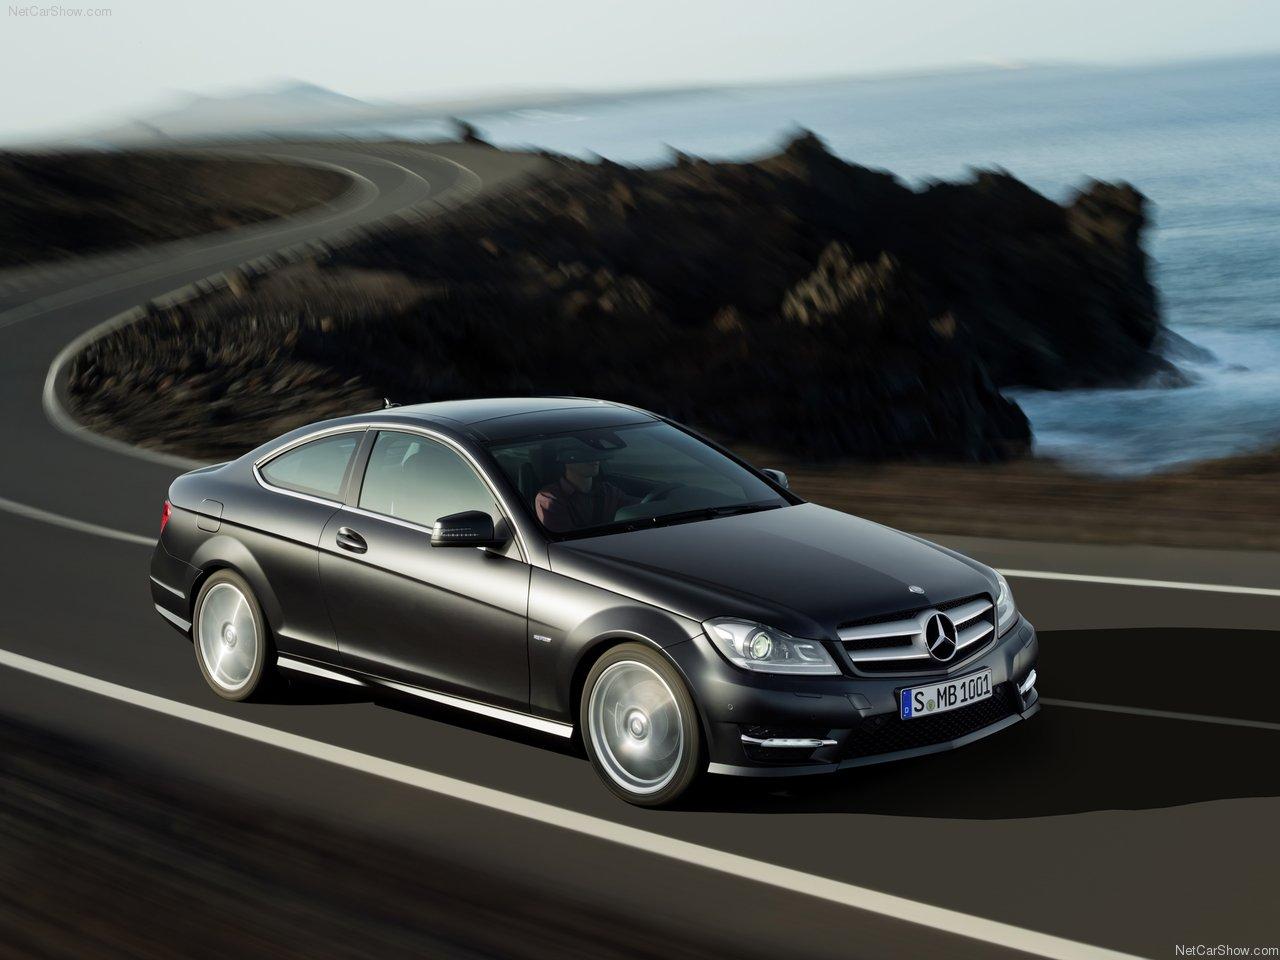 http://2.bp.blogspot.com/-BMKW7h_JA2U/TV_nOEssM-I/AAAAAAACJnA/vaMWBSeQ2lI/s1600/Mercedes-Benz-C-Class_Coupe_2012_1280x960_wallpaper_01.jpg